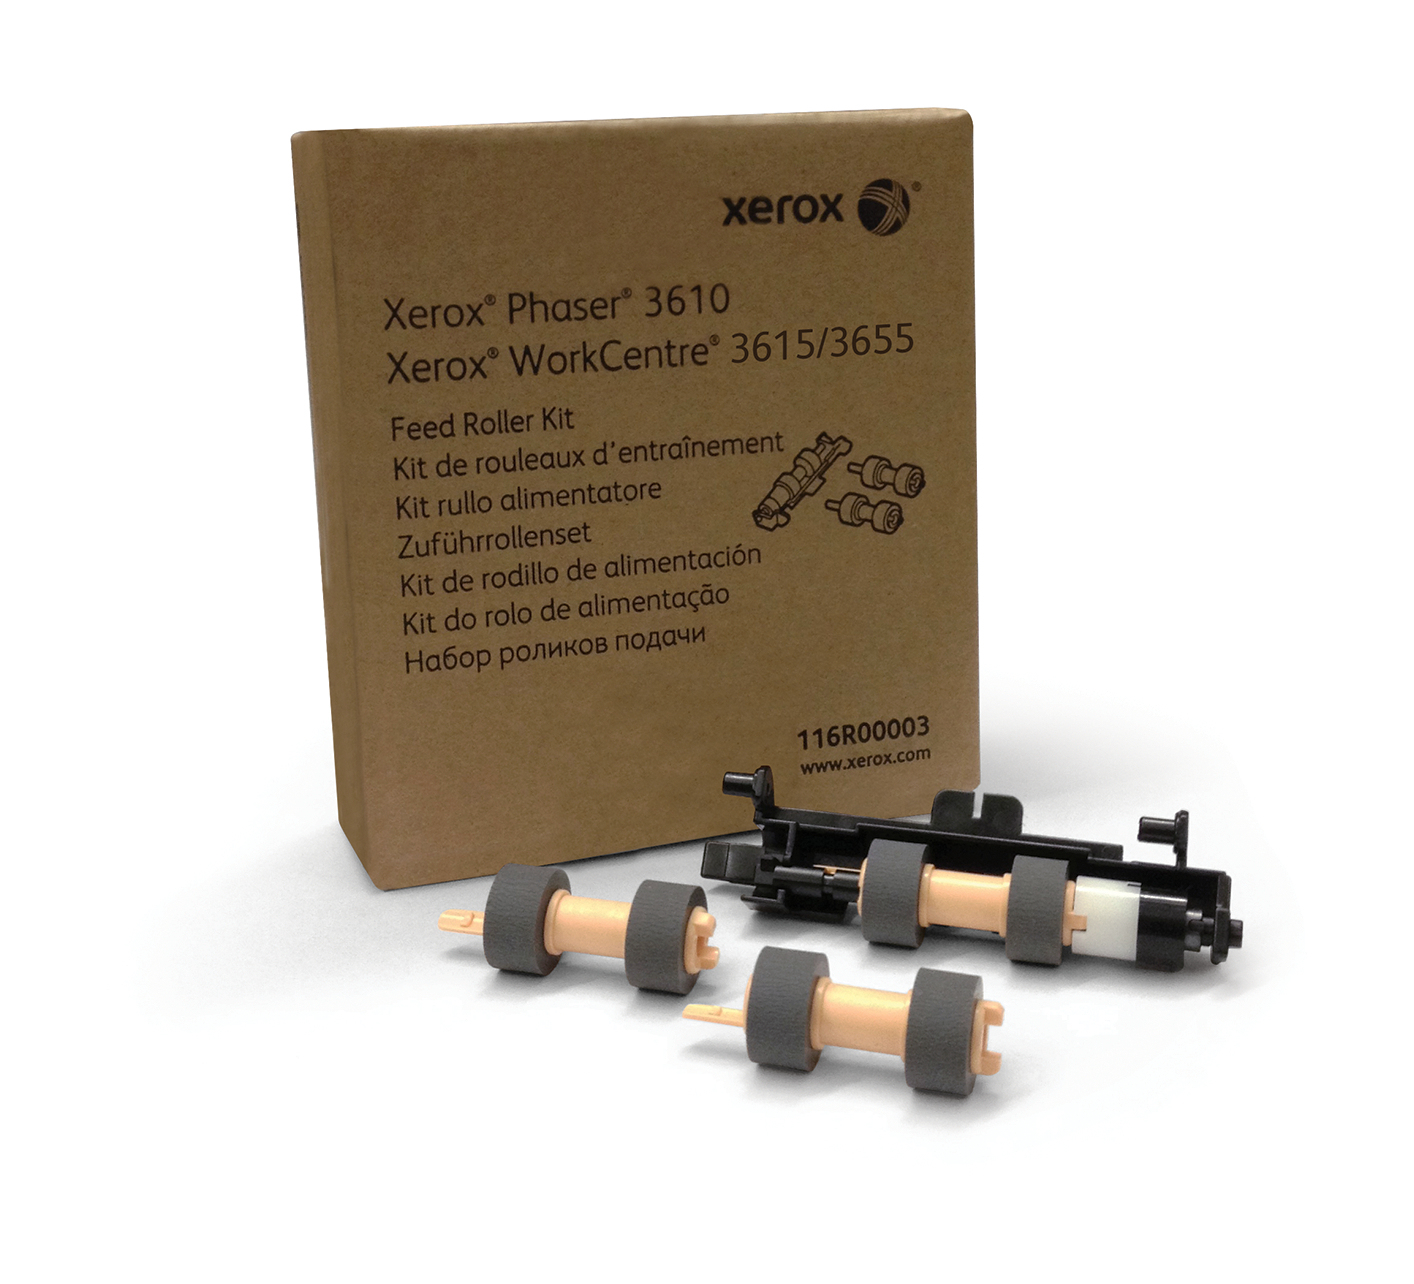 Xerox Kit rodillo alimentación de papel (larga duración, normalmente no necesario)